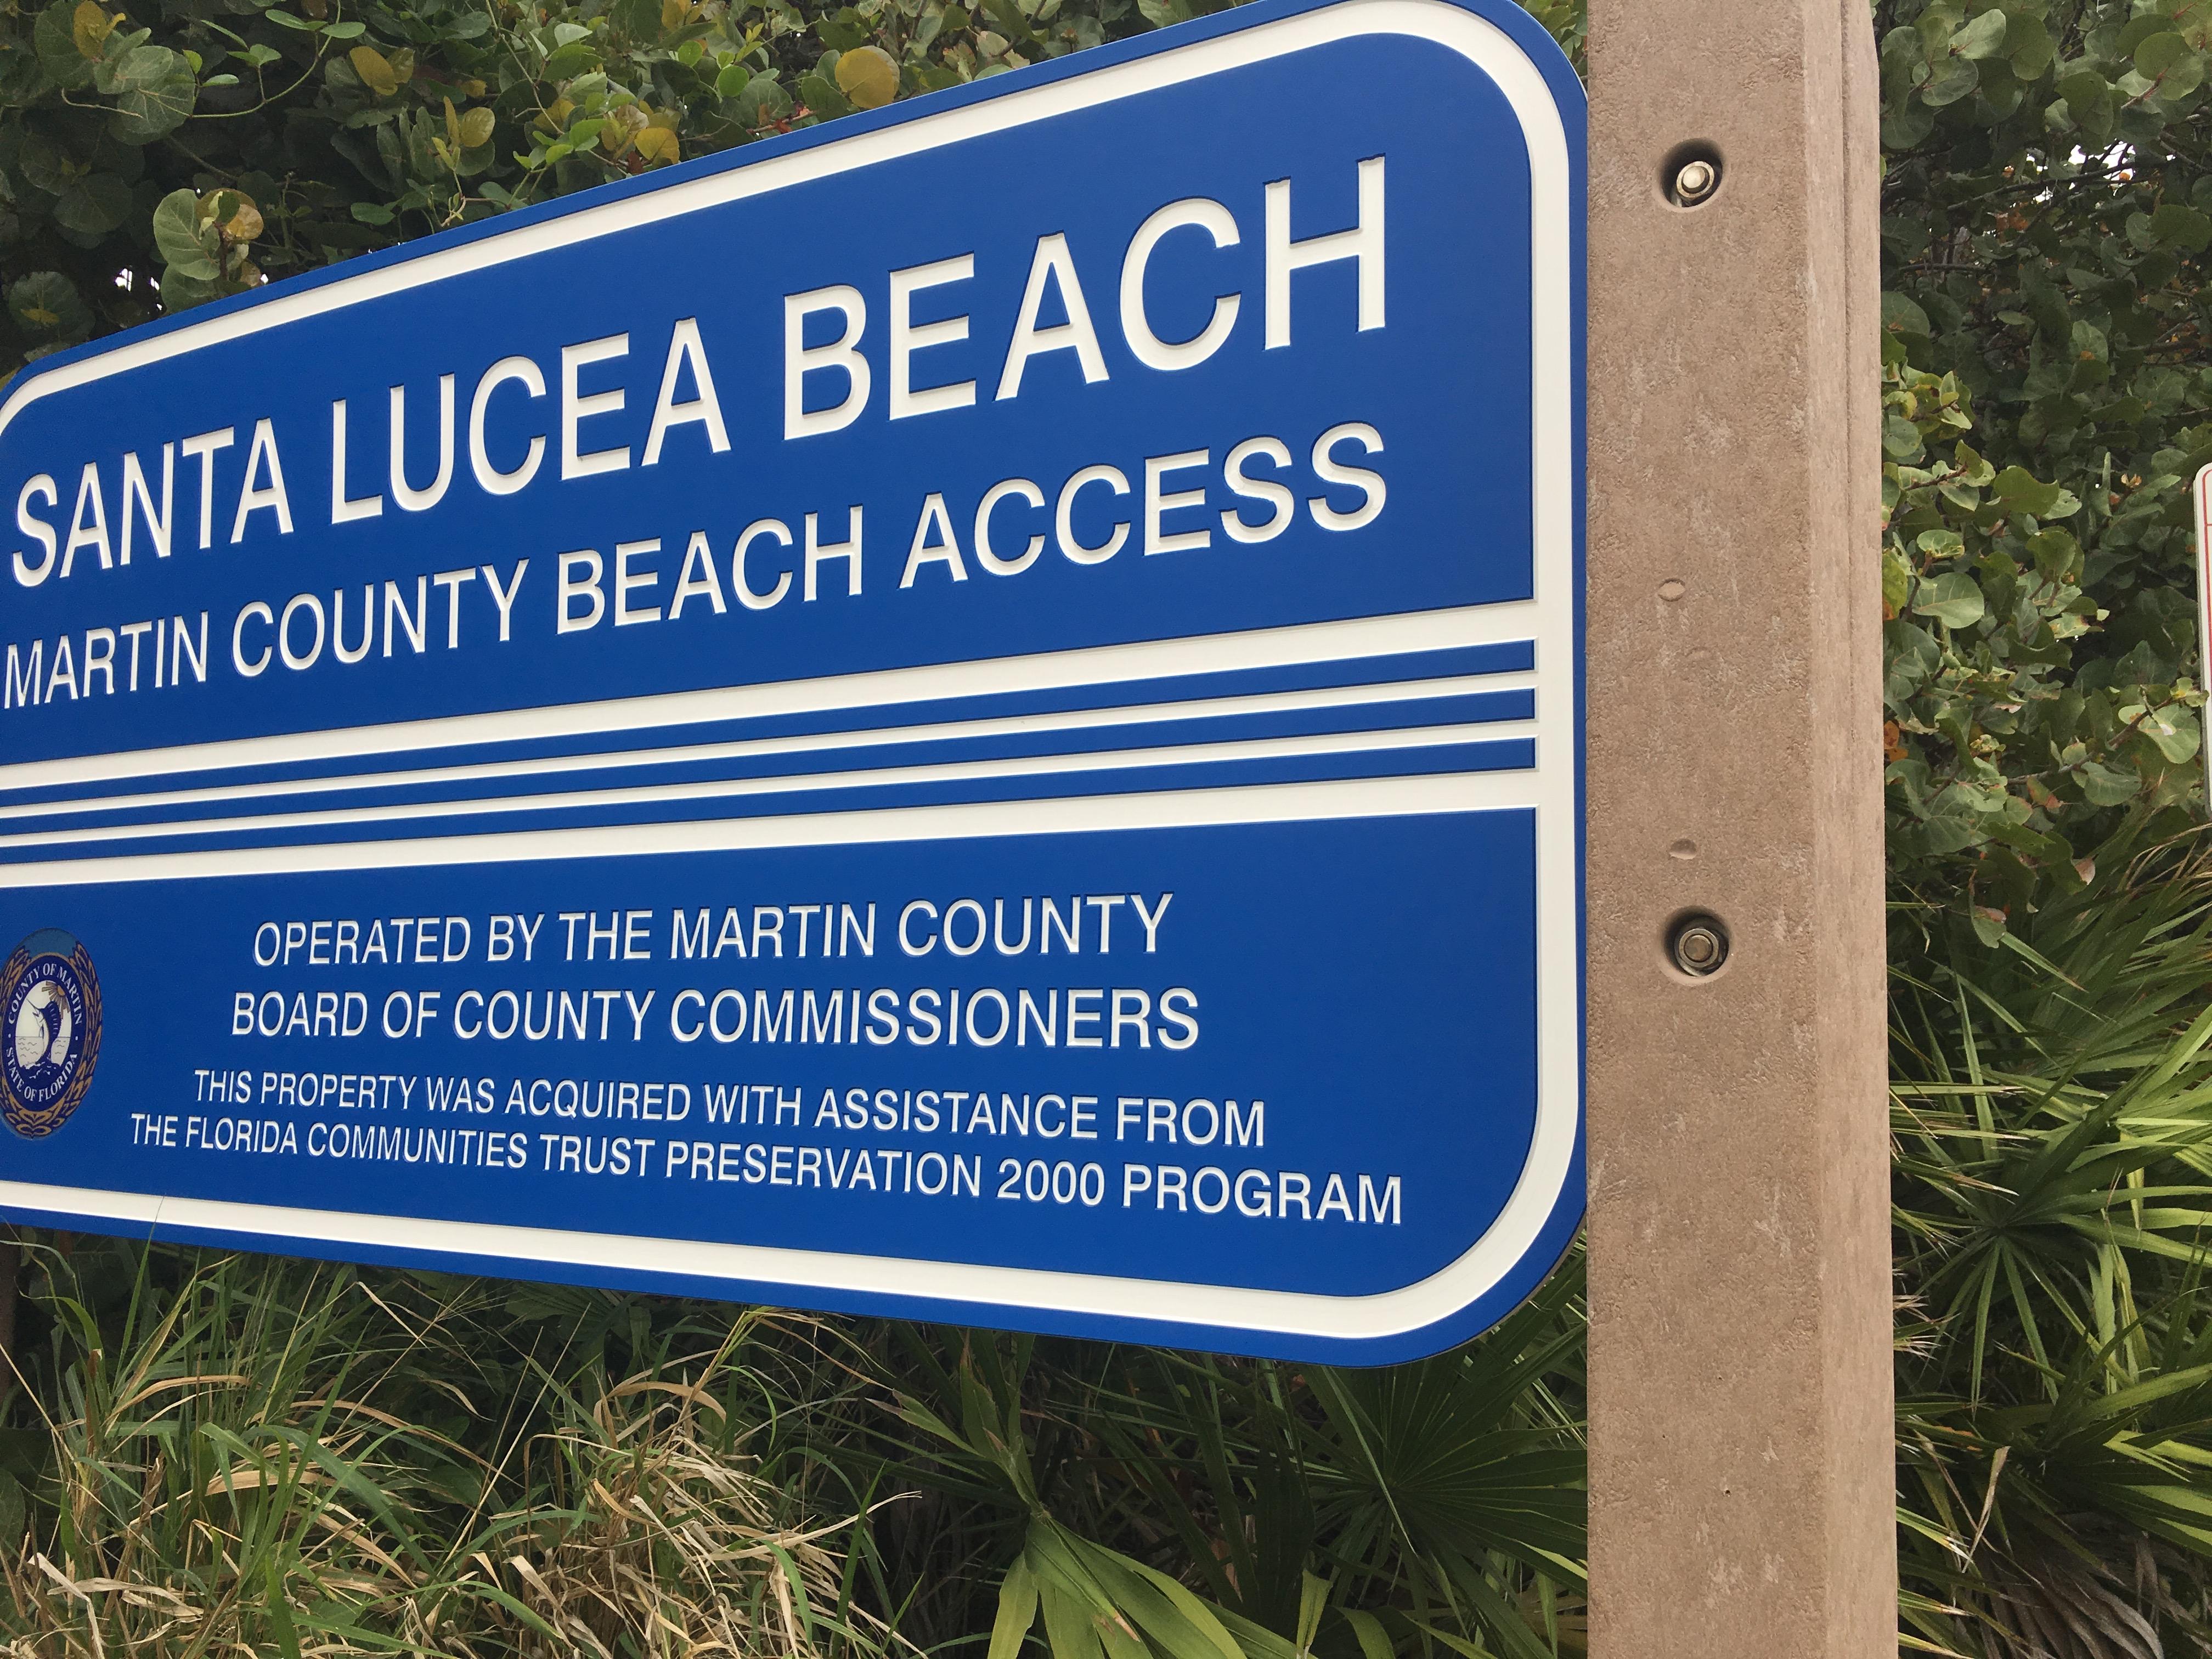 Santa Lucia Beach